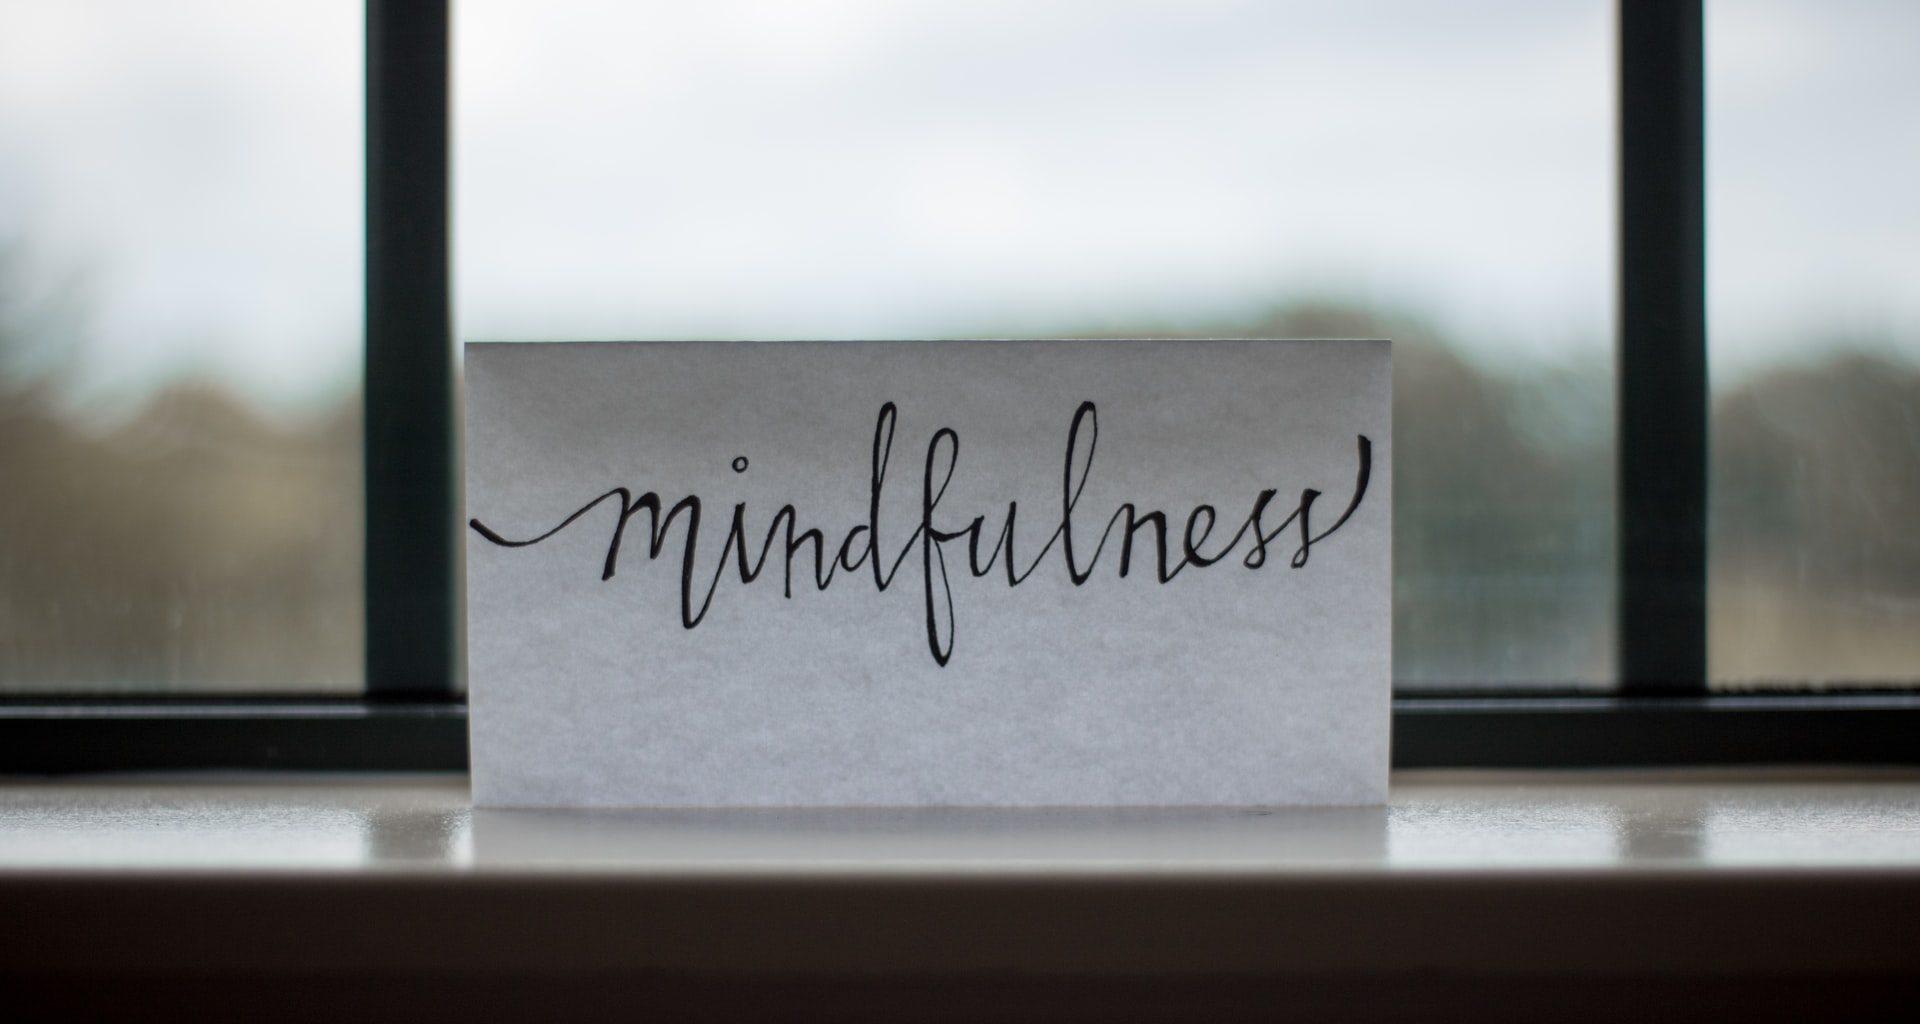 cultivate self awareness - attendancebot blog